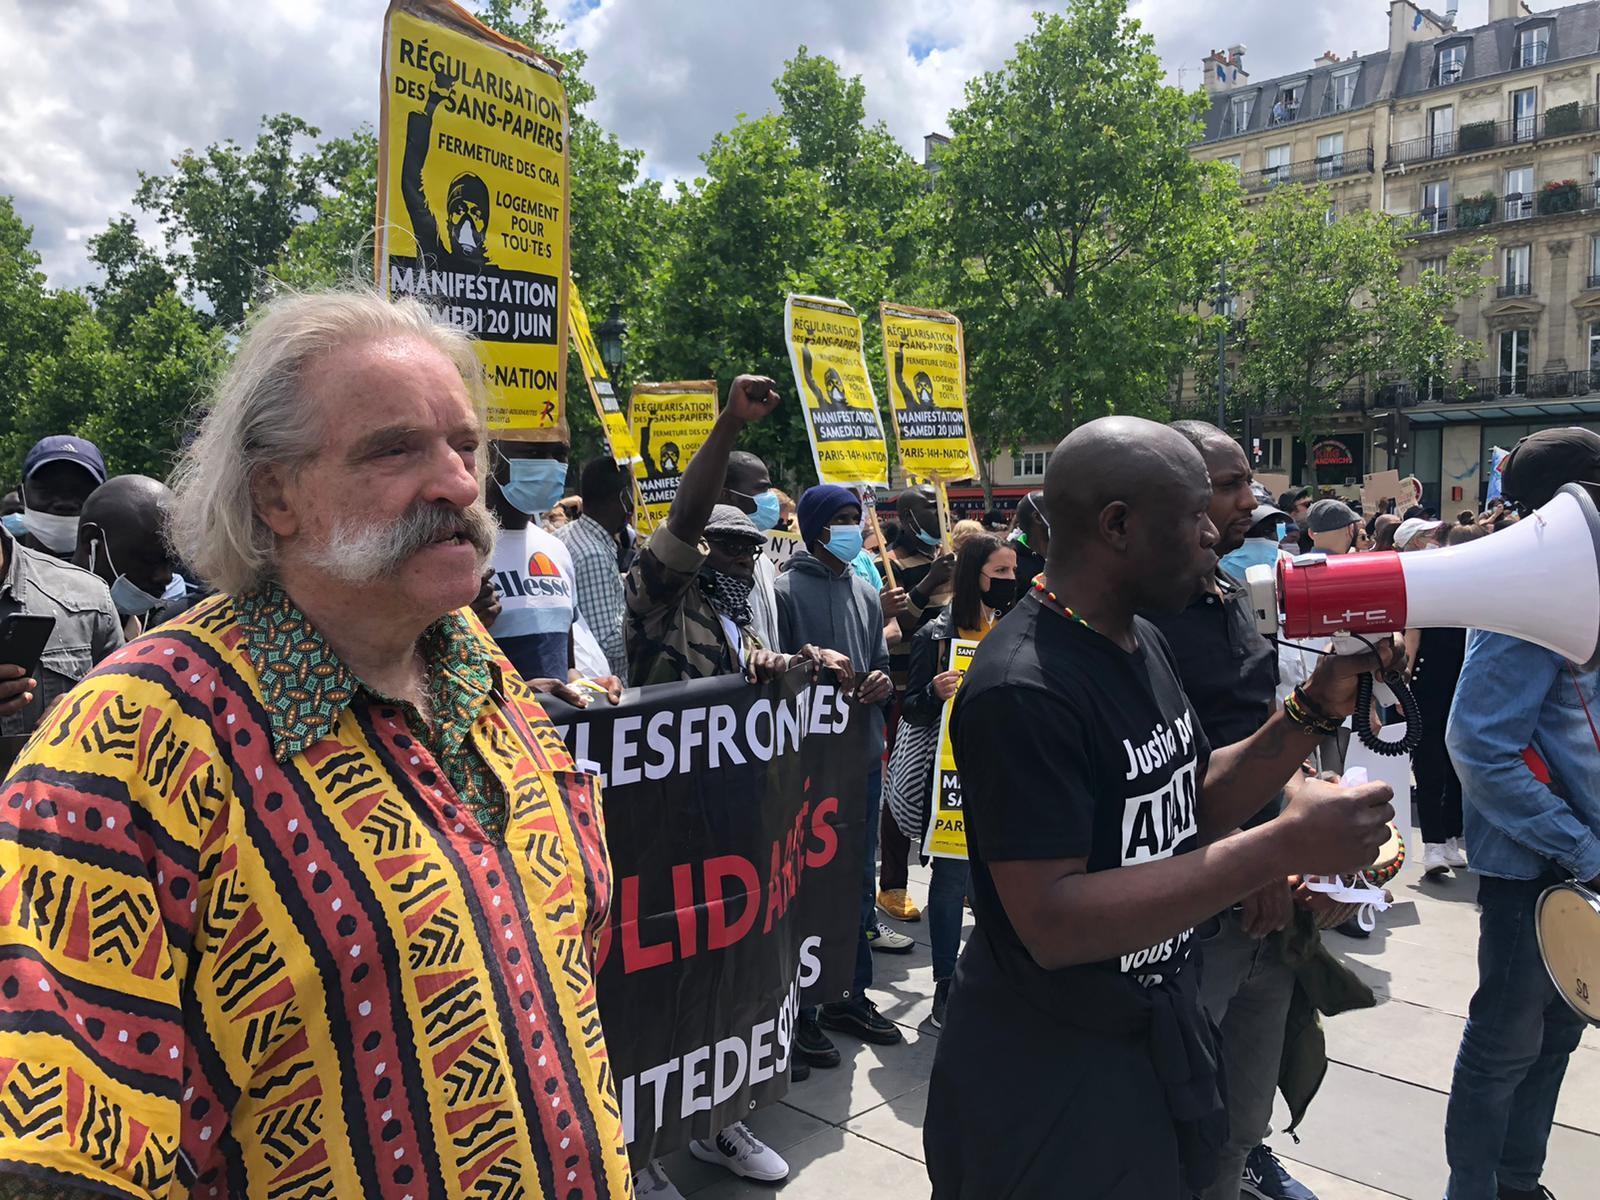 تظاهرات ضد عنف الشرطة في باريس